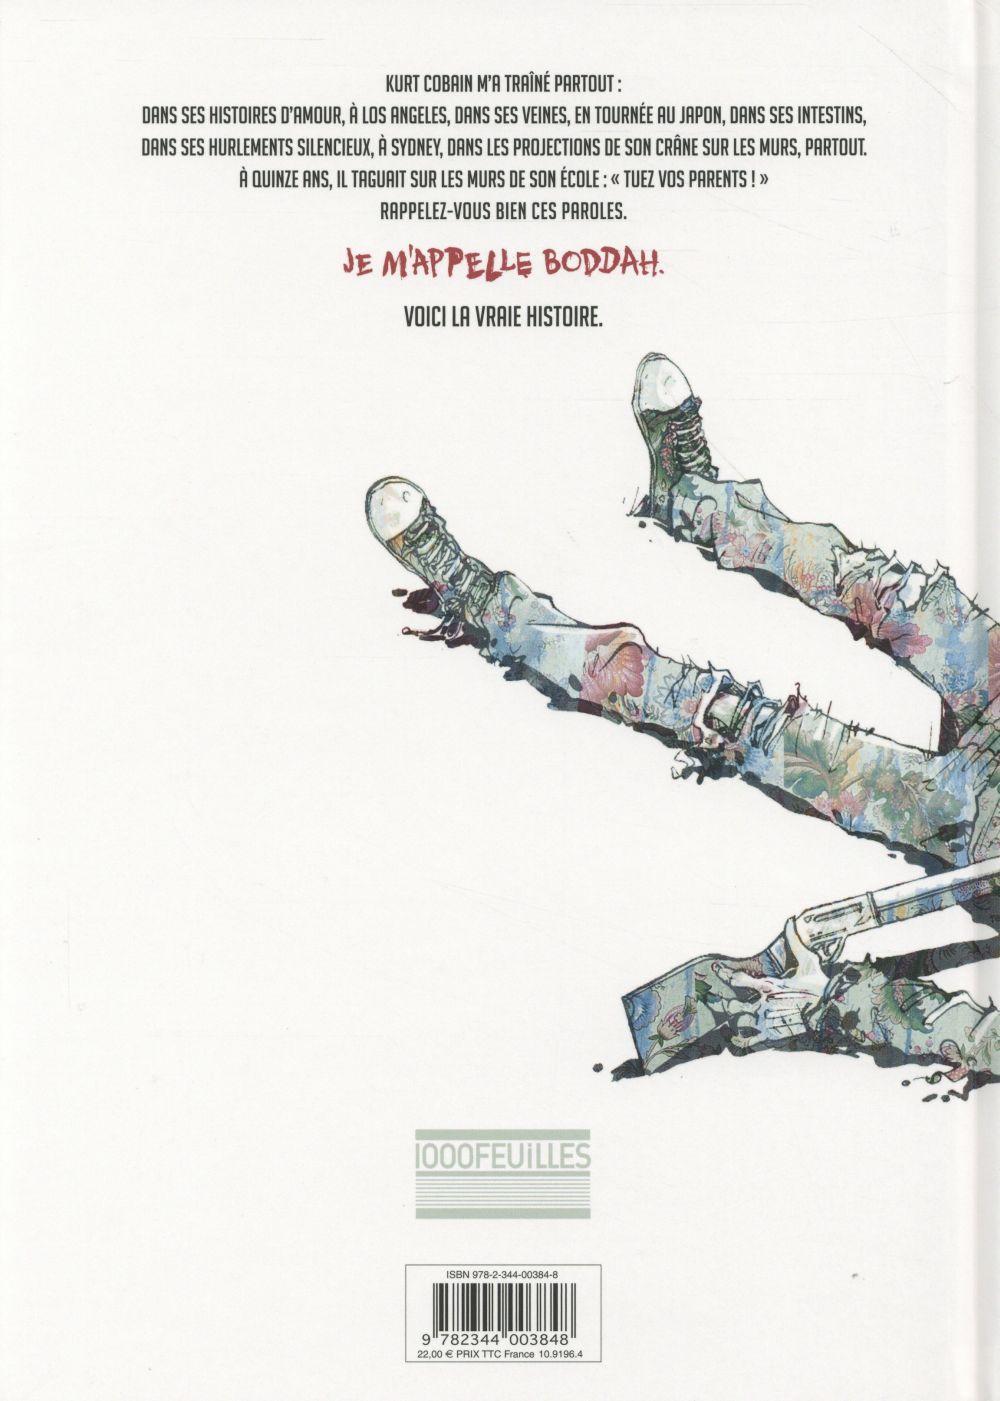 Le roman de Boddah ; comment j'ai tué Kurt Cobain